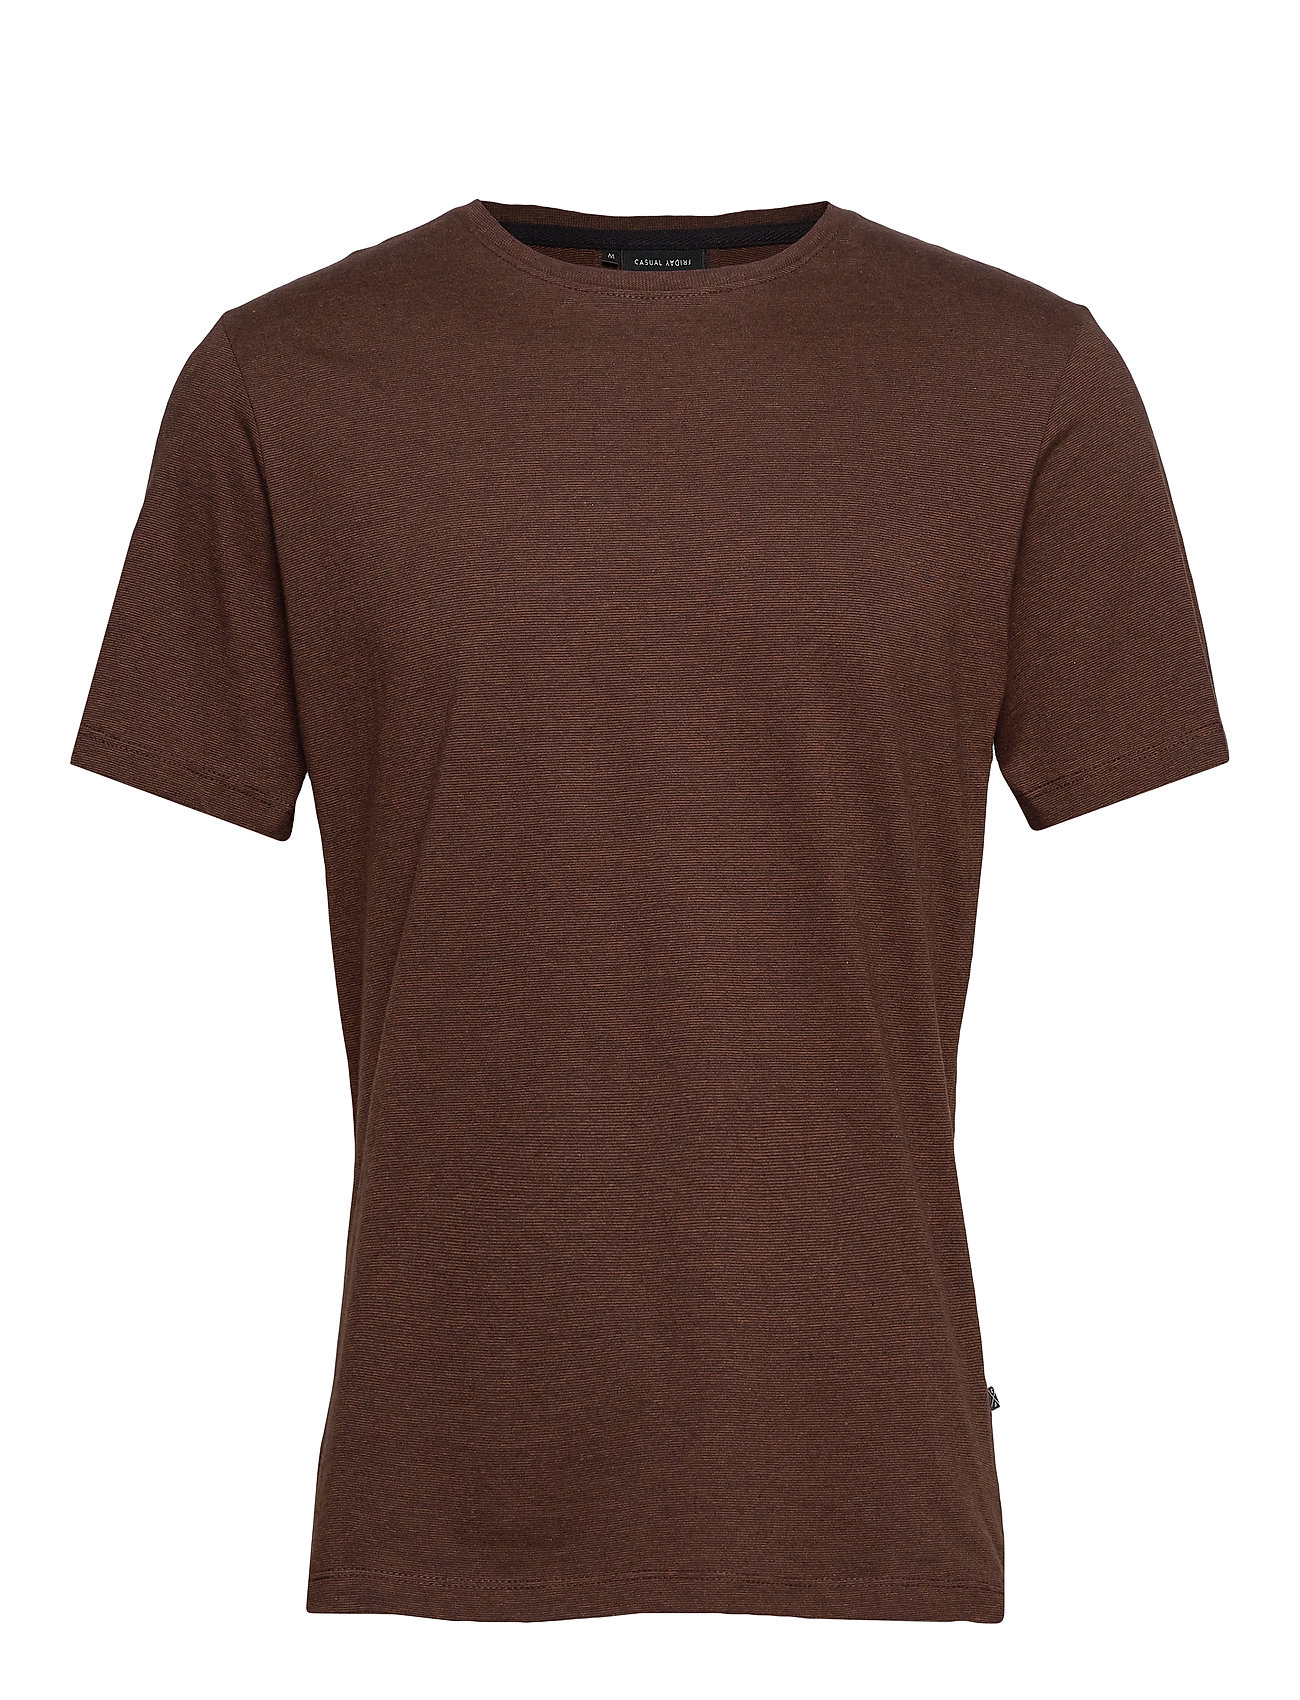 Casual Friday T shirt - WARM NOUGAT